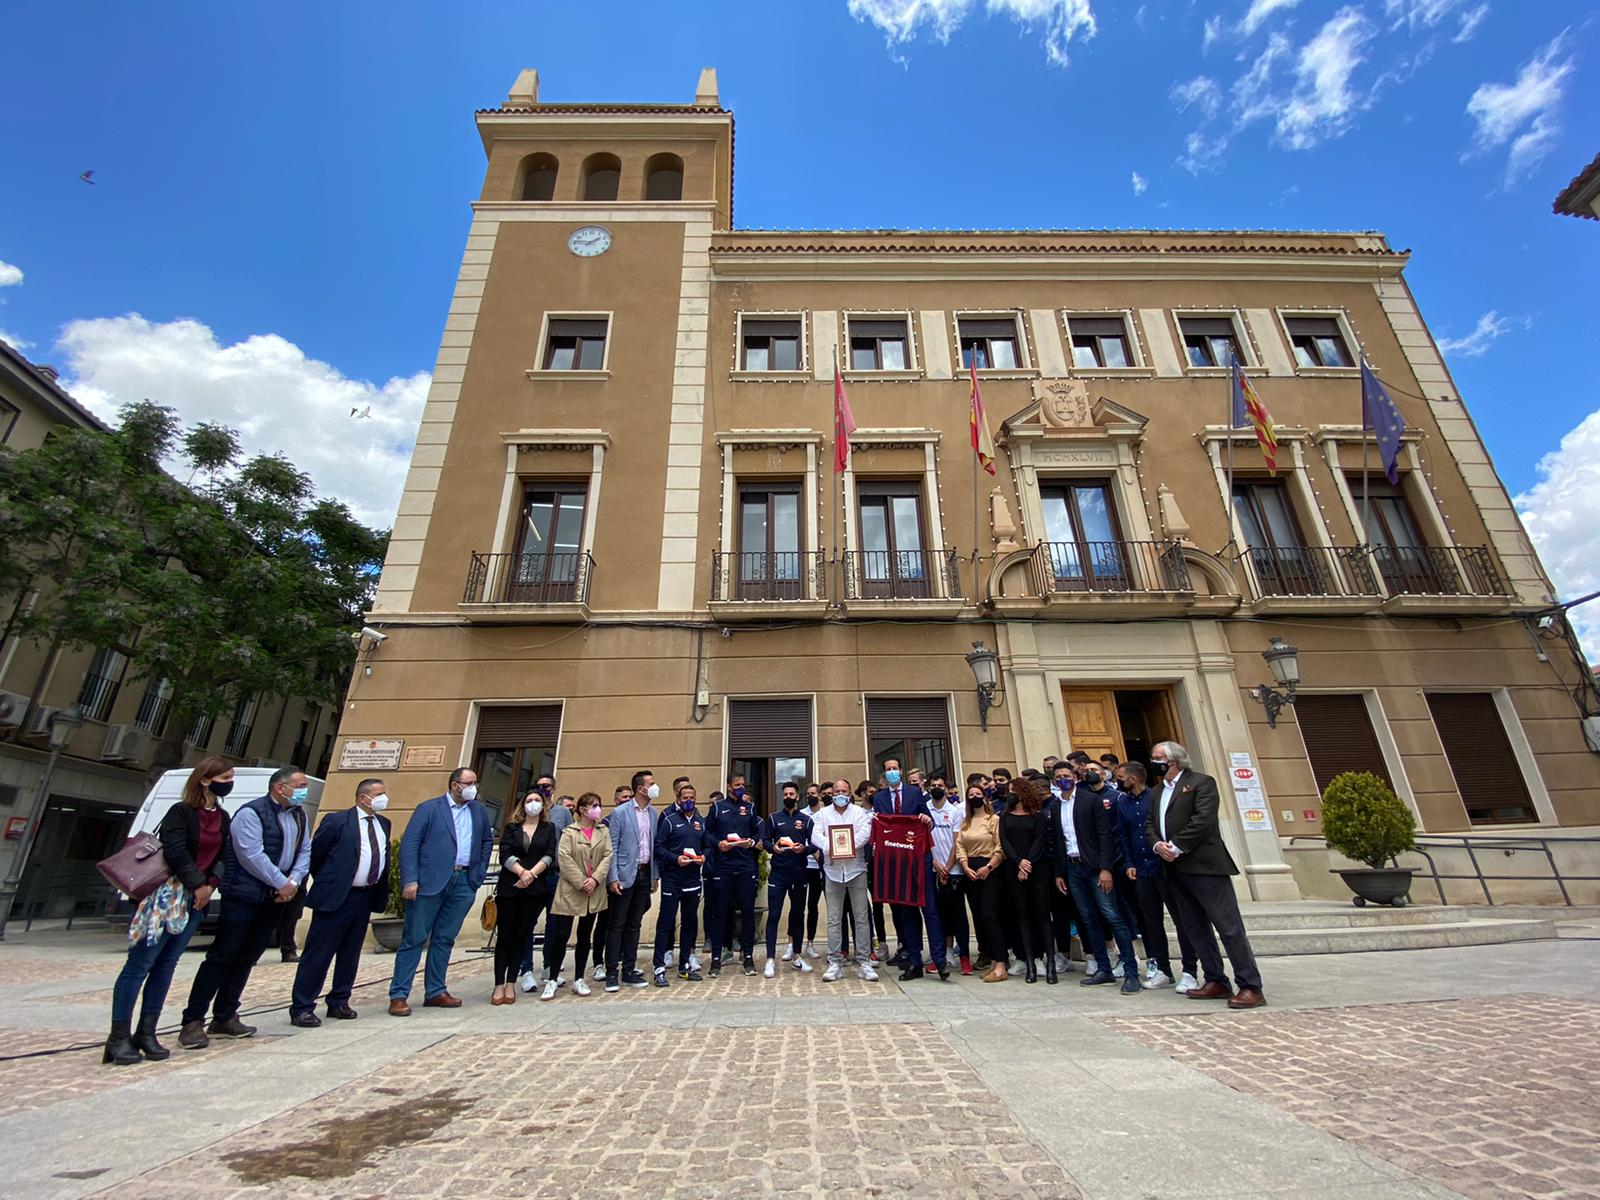 La Corporación Municipal recibe en la Plaza del Ayuntamiento a jugadores, técnicos y directivos del Deportivo Eldense para felicitarles por el ascenso de categoría